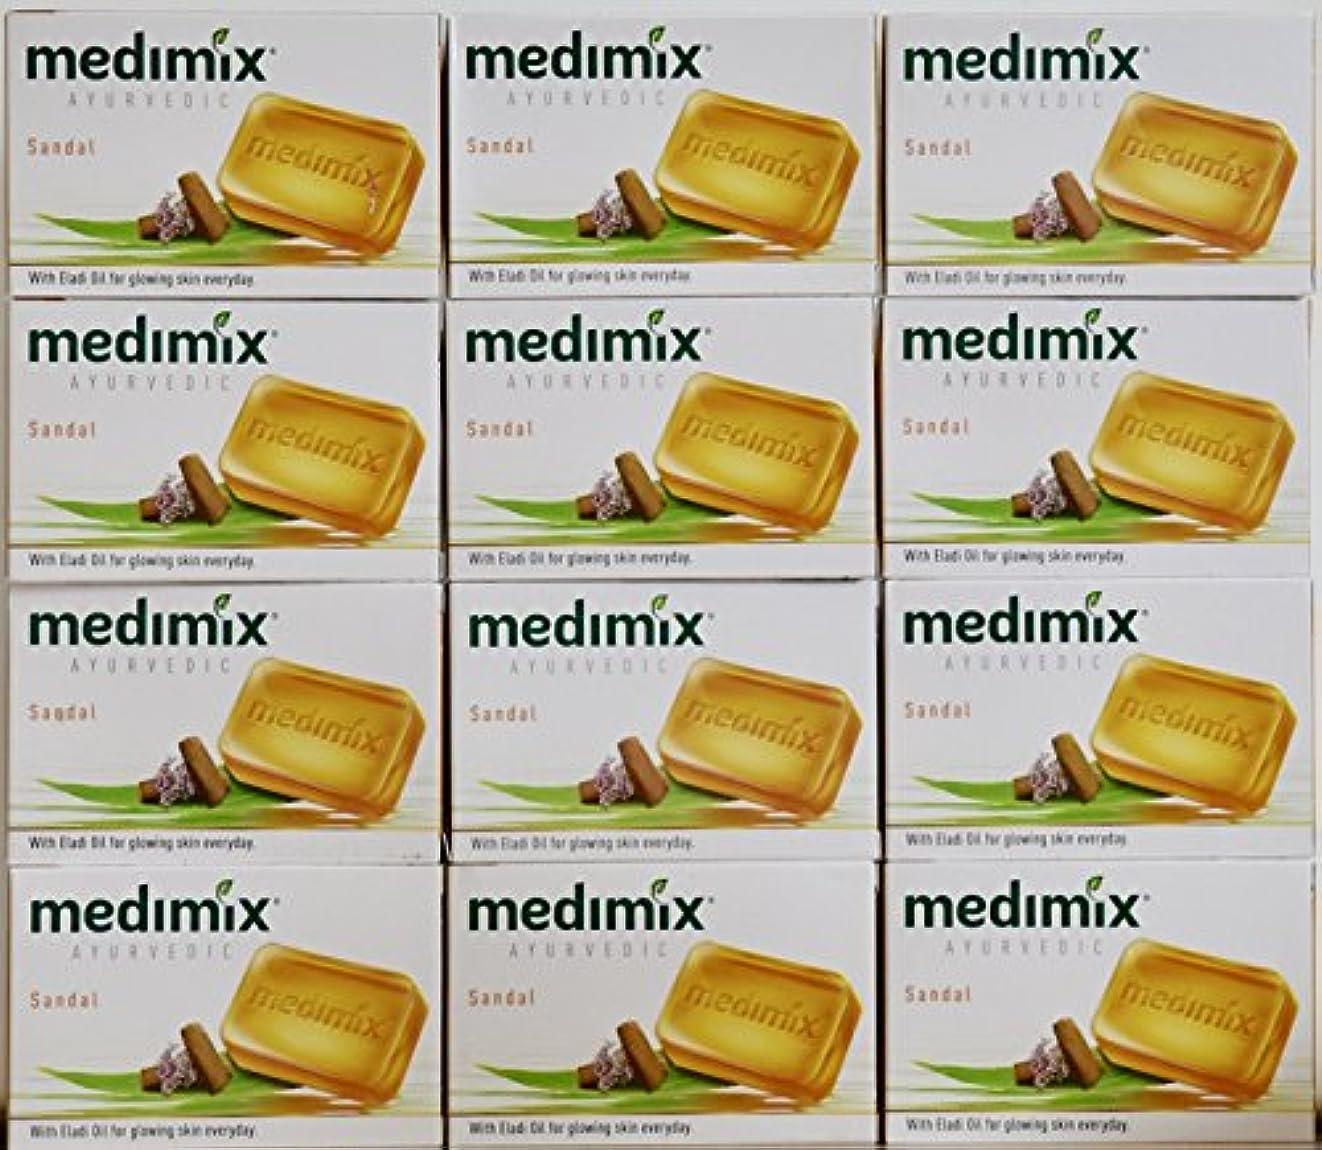 精神医学該当するドラムmedimix メディミックス アーユルヴェディックサンダル 石鹸(旧商品名クラシックオレンジ))125g 12個入り